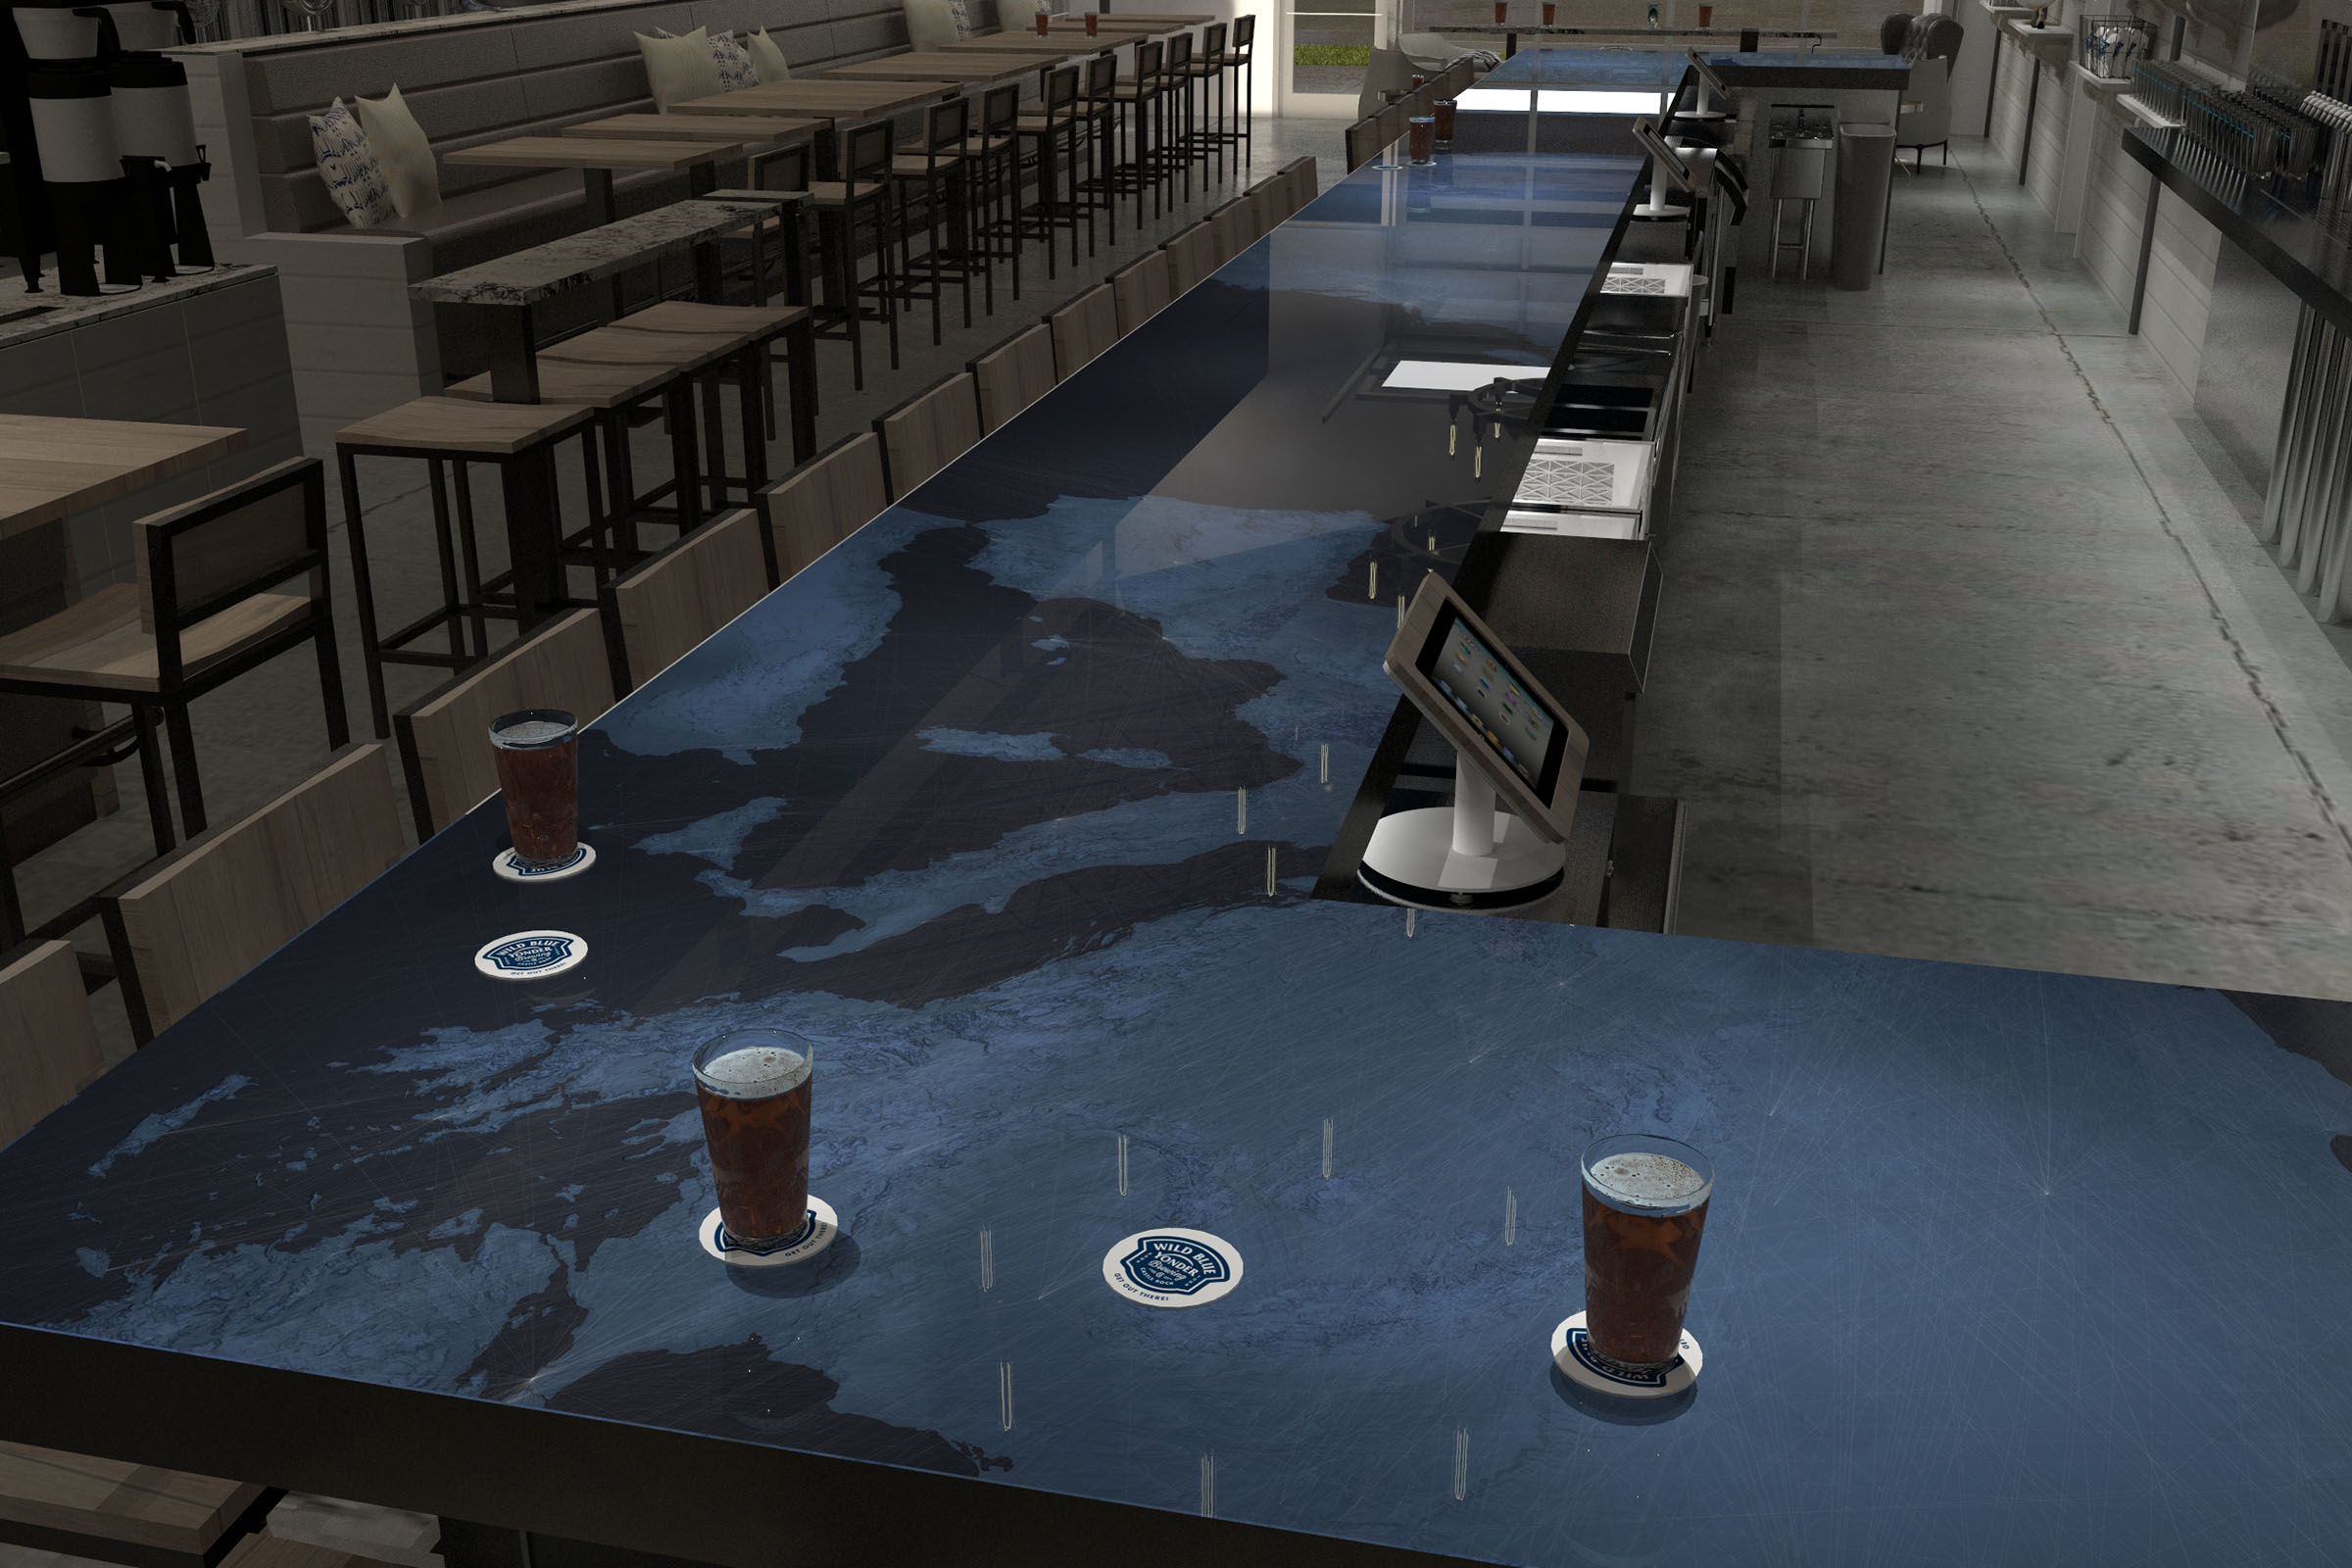 Wild Blue Yonder Brewery